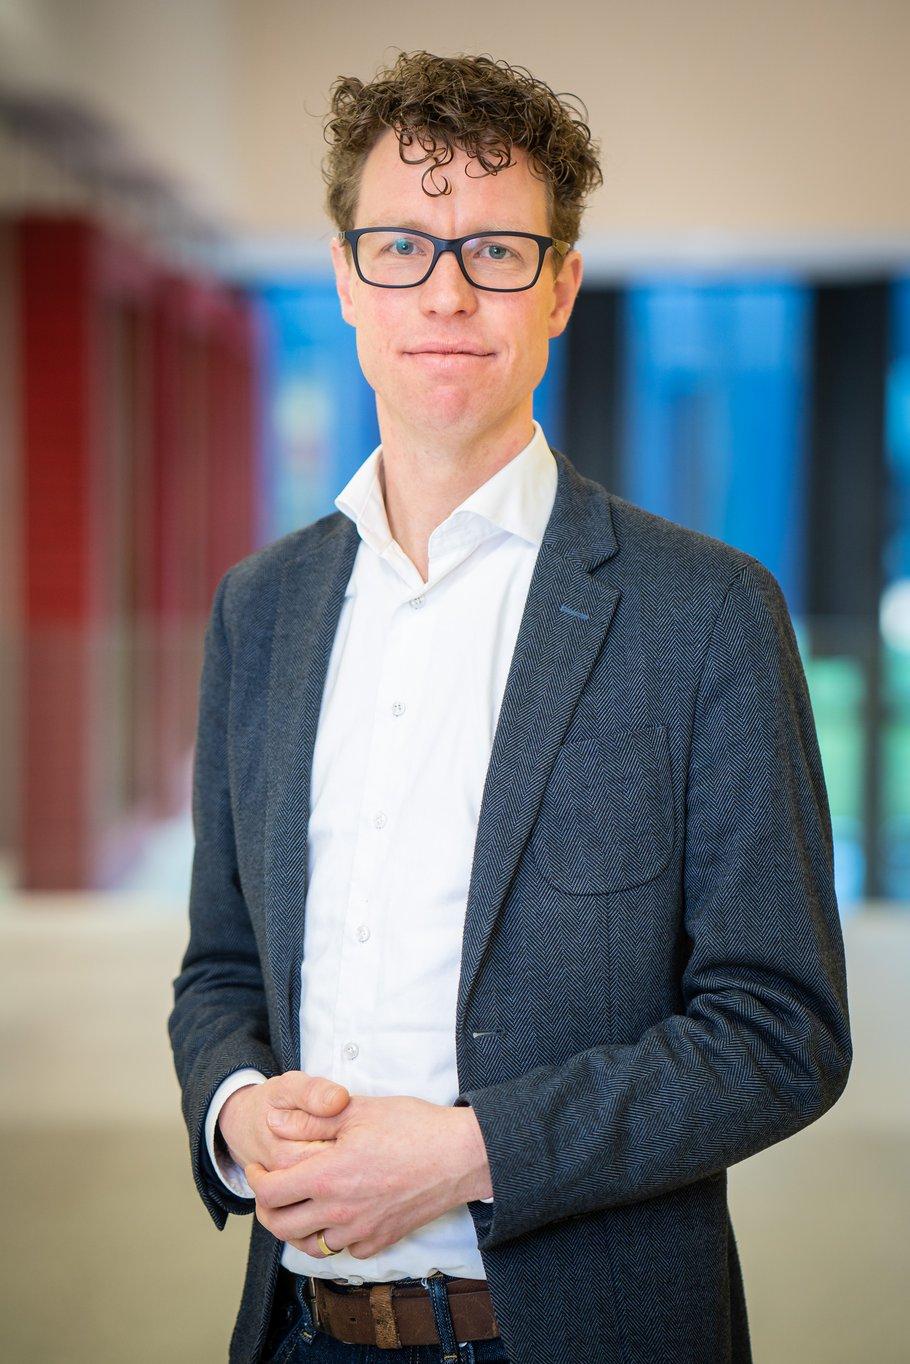 Martijn Balster, wethouder gemeente Den Haag